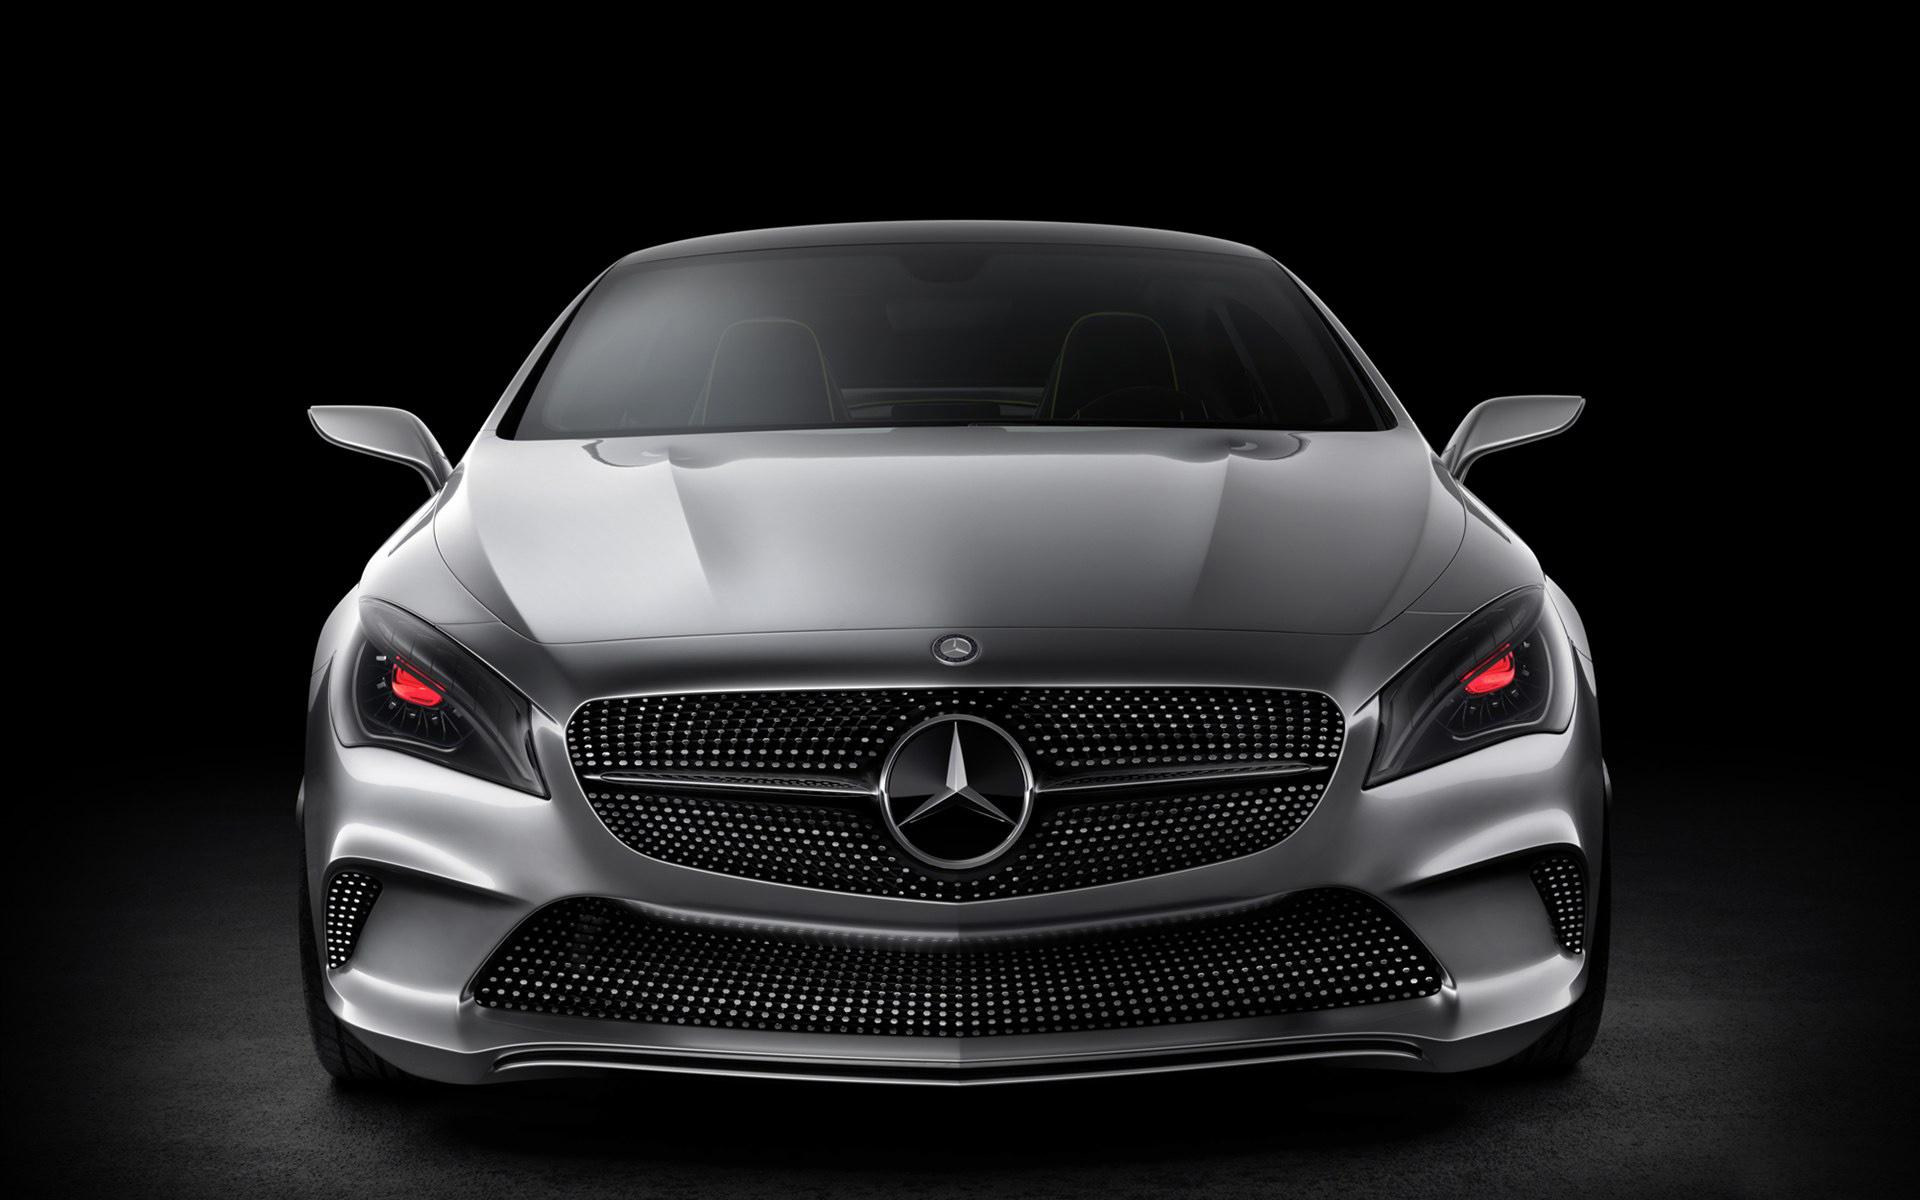 2012 Mercedes Benz Concept Wallpaper | HD Car Wallpapers ...